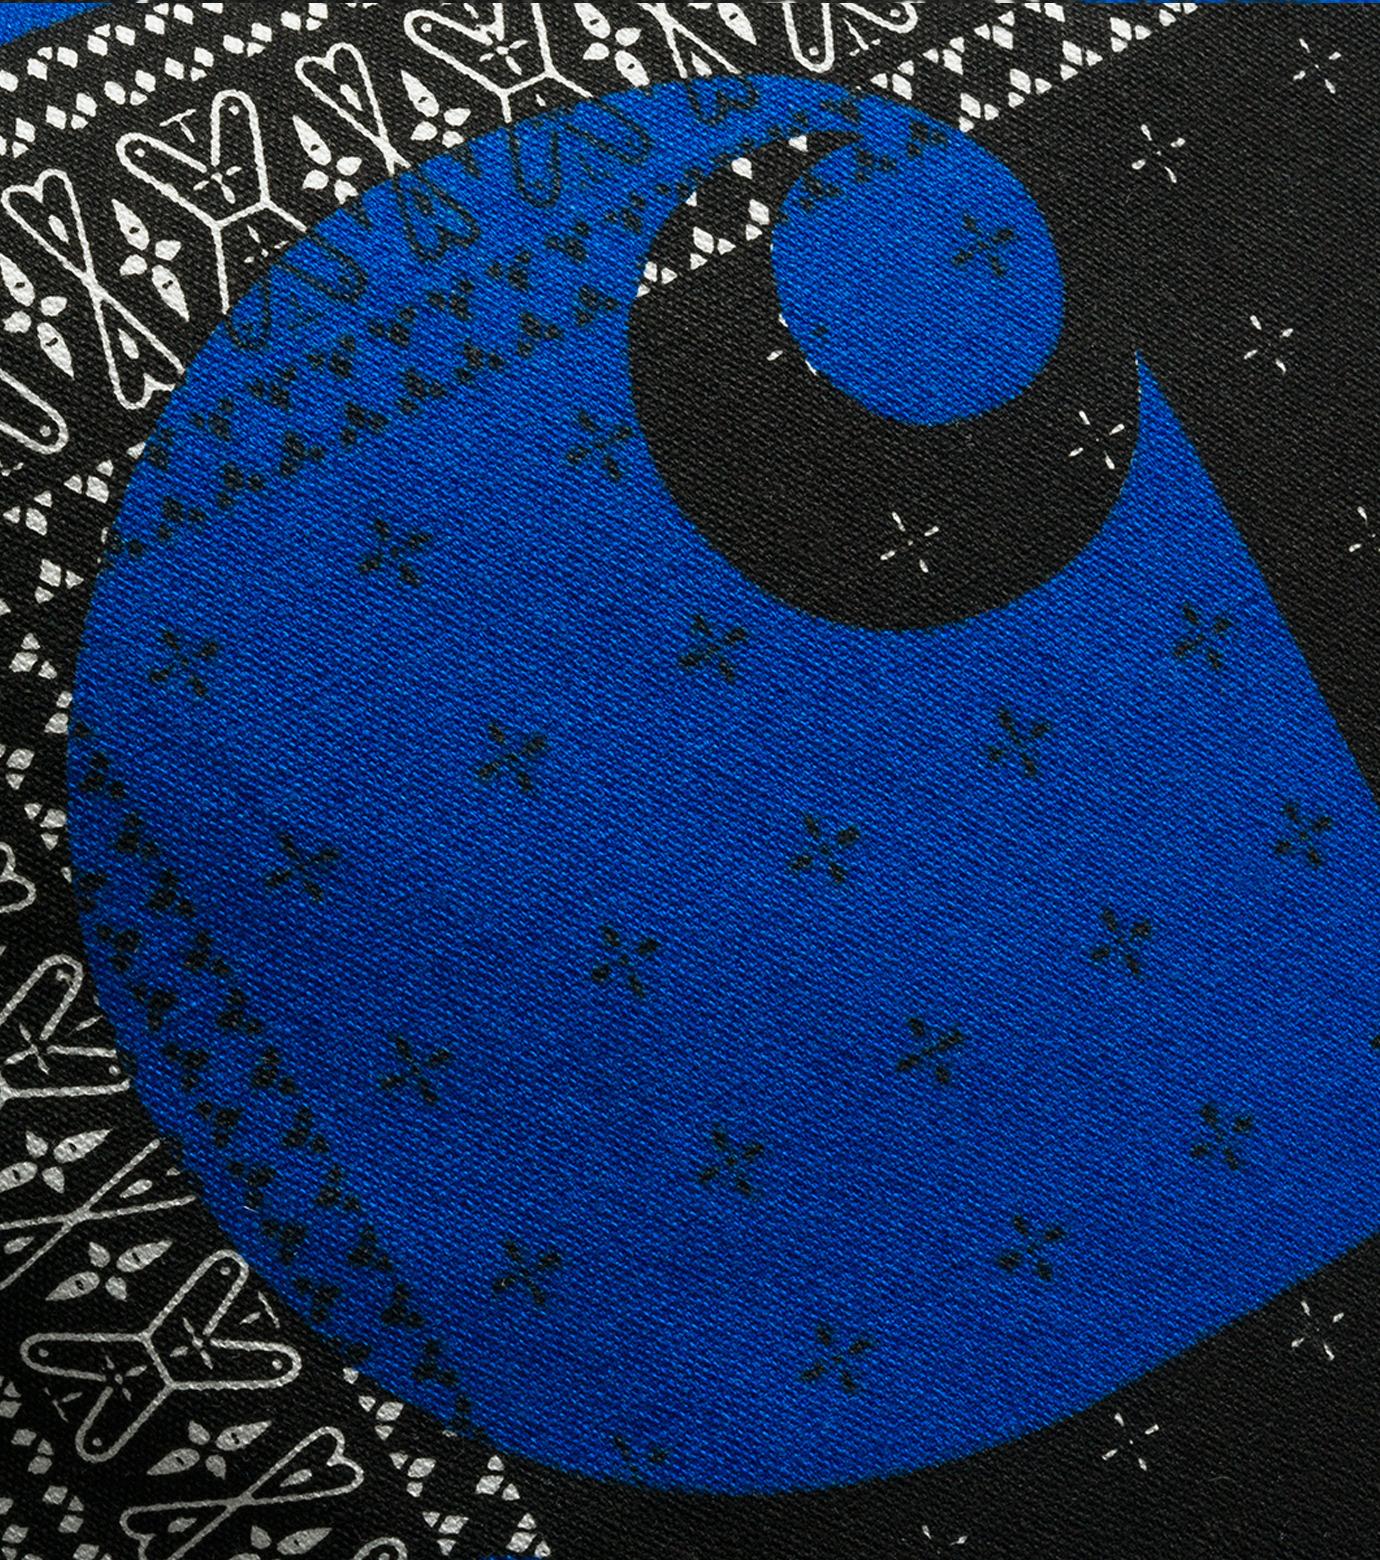 Carhartt(カーハート)のSTATE PILLOW-BLUE(インテリア/interior)-I020354-15F-92 拡大詳細画像3